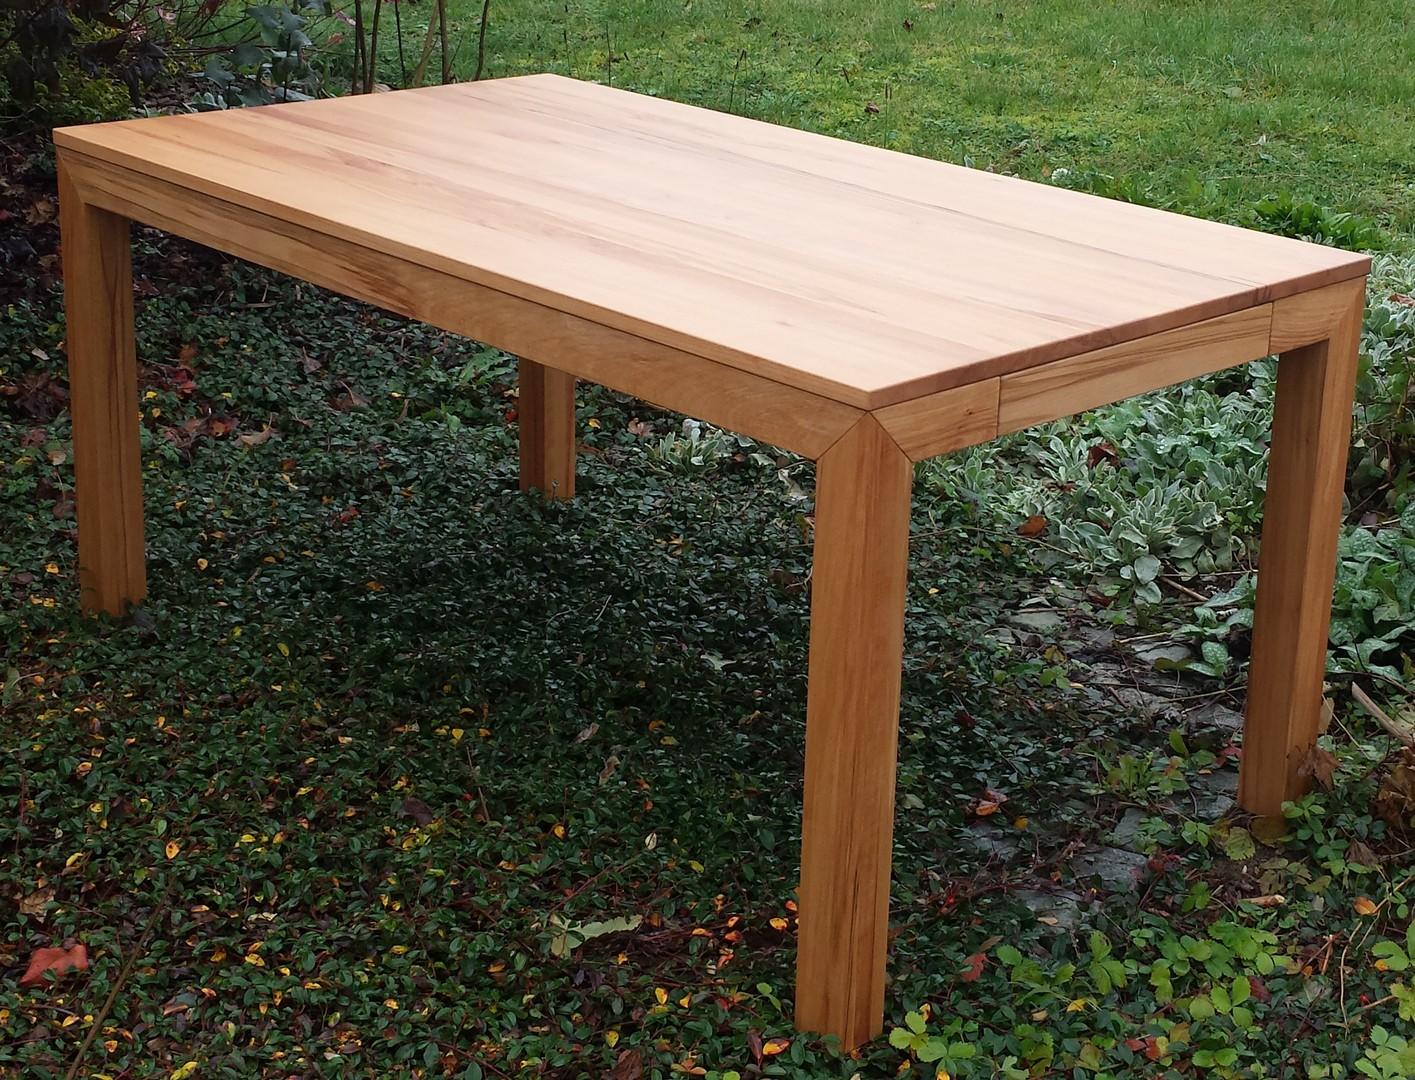 Massivholz tisch l ffler massivholzverarbeitungs gmbh for Tisch design kreuch gmbh